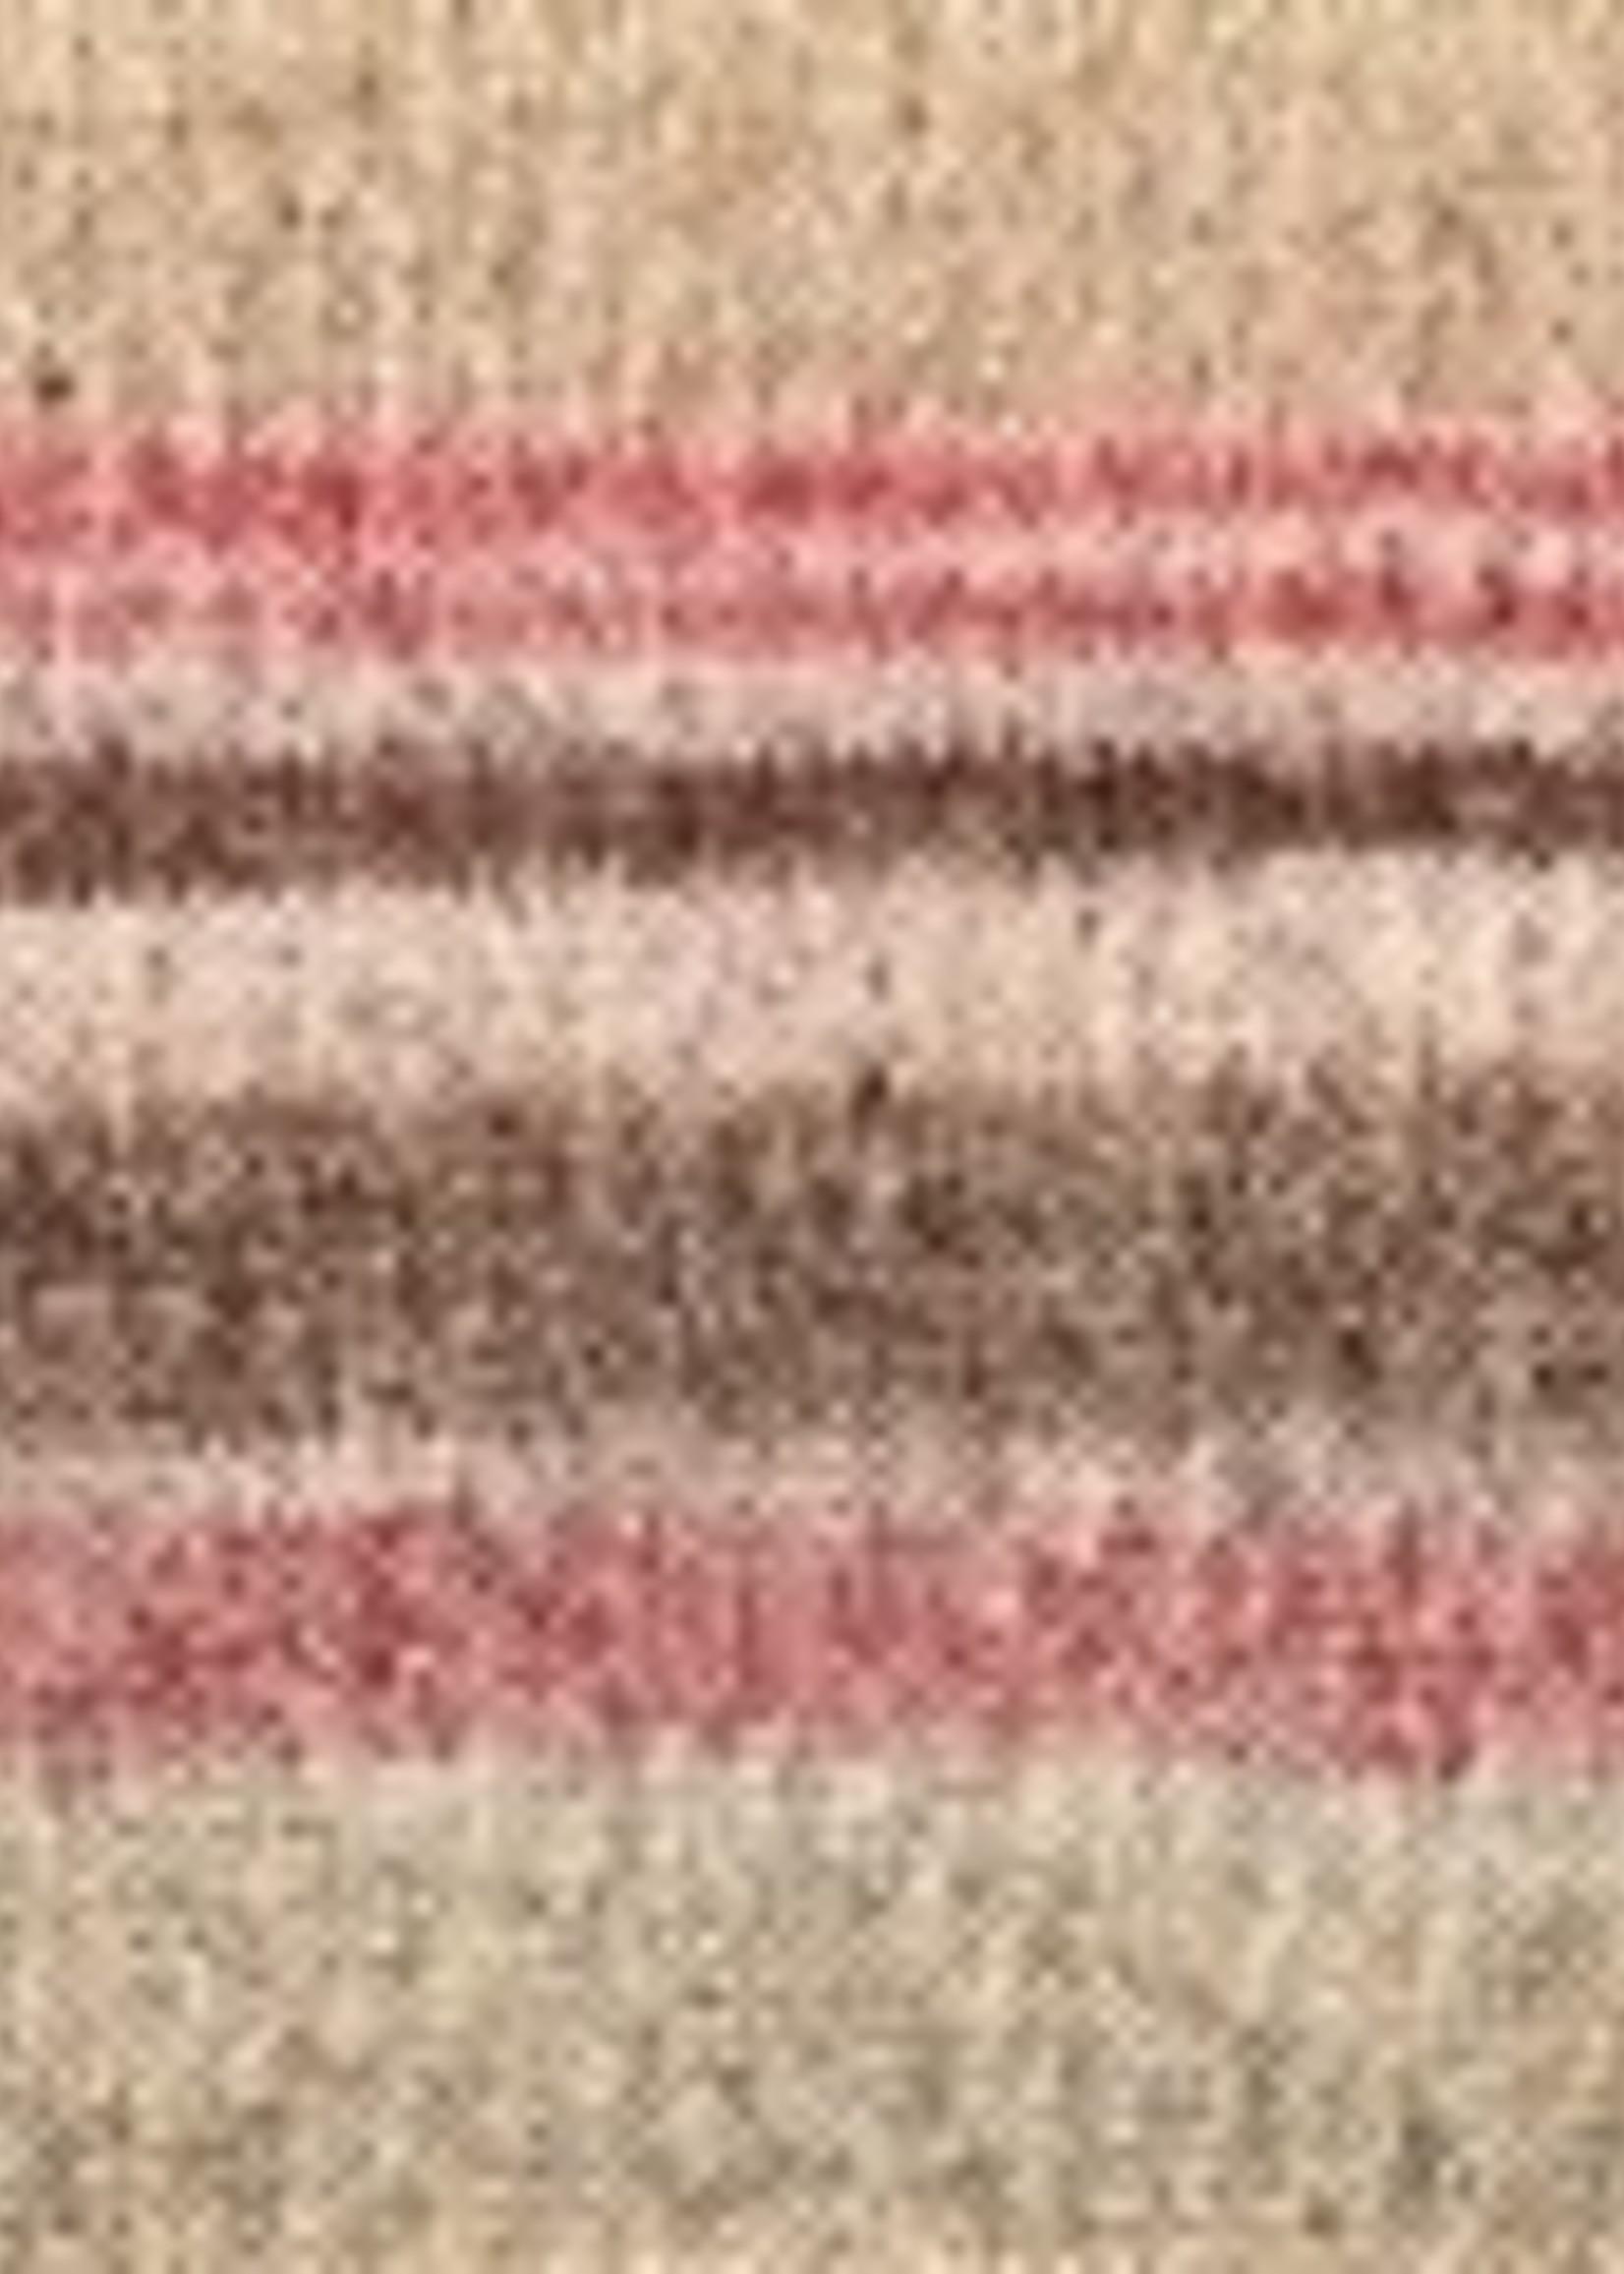 Berroco Berroco Pixel #2259 Daiquri